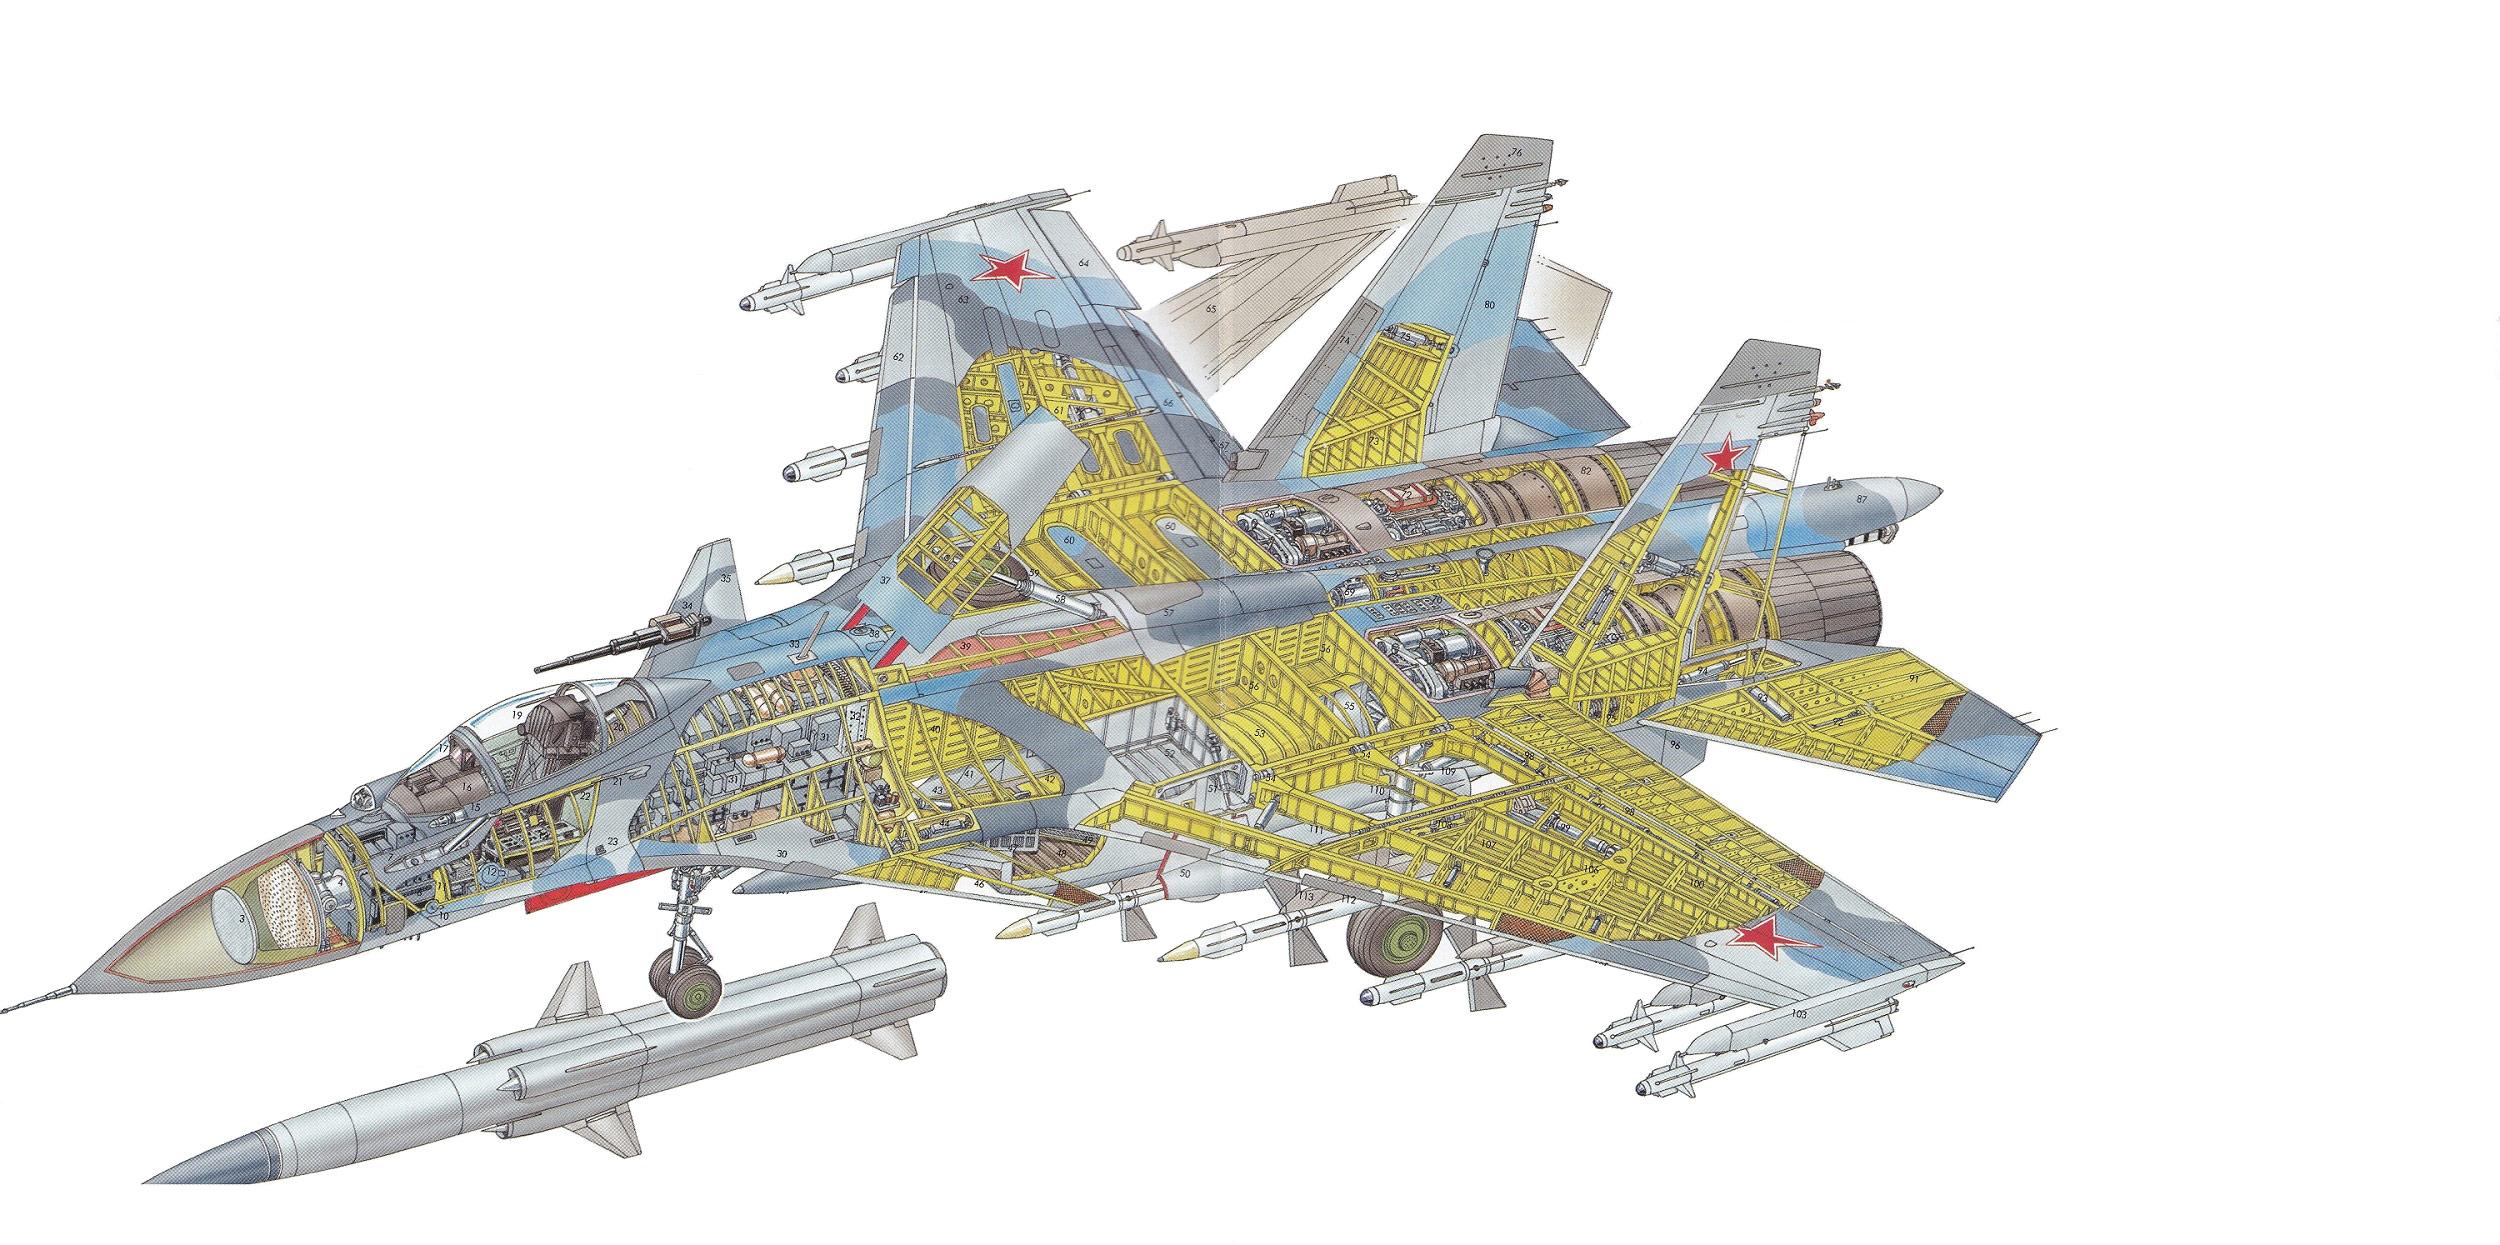 Sukhoi Su-27 cutaway